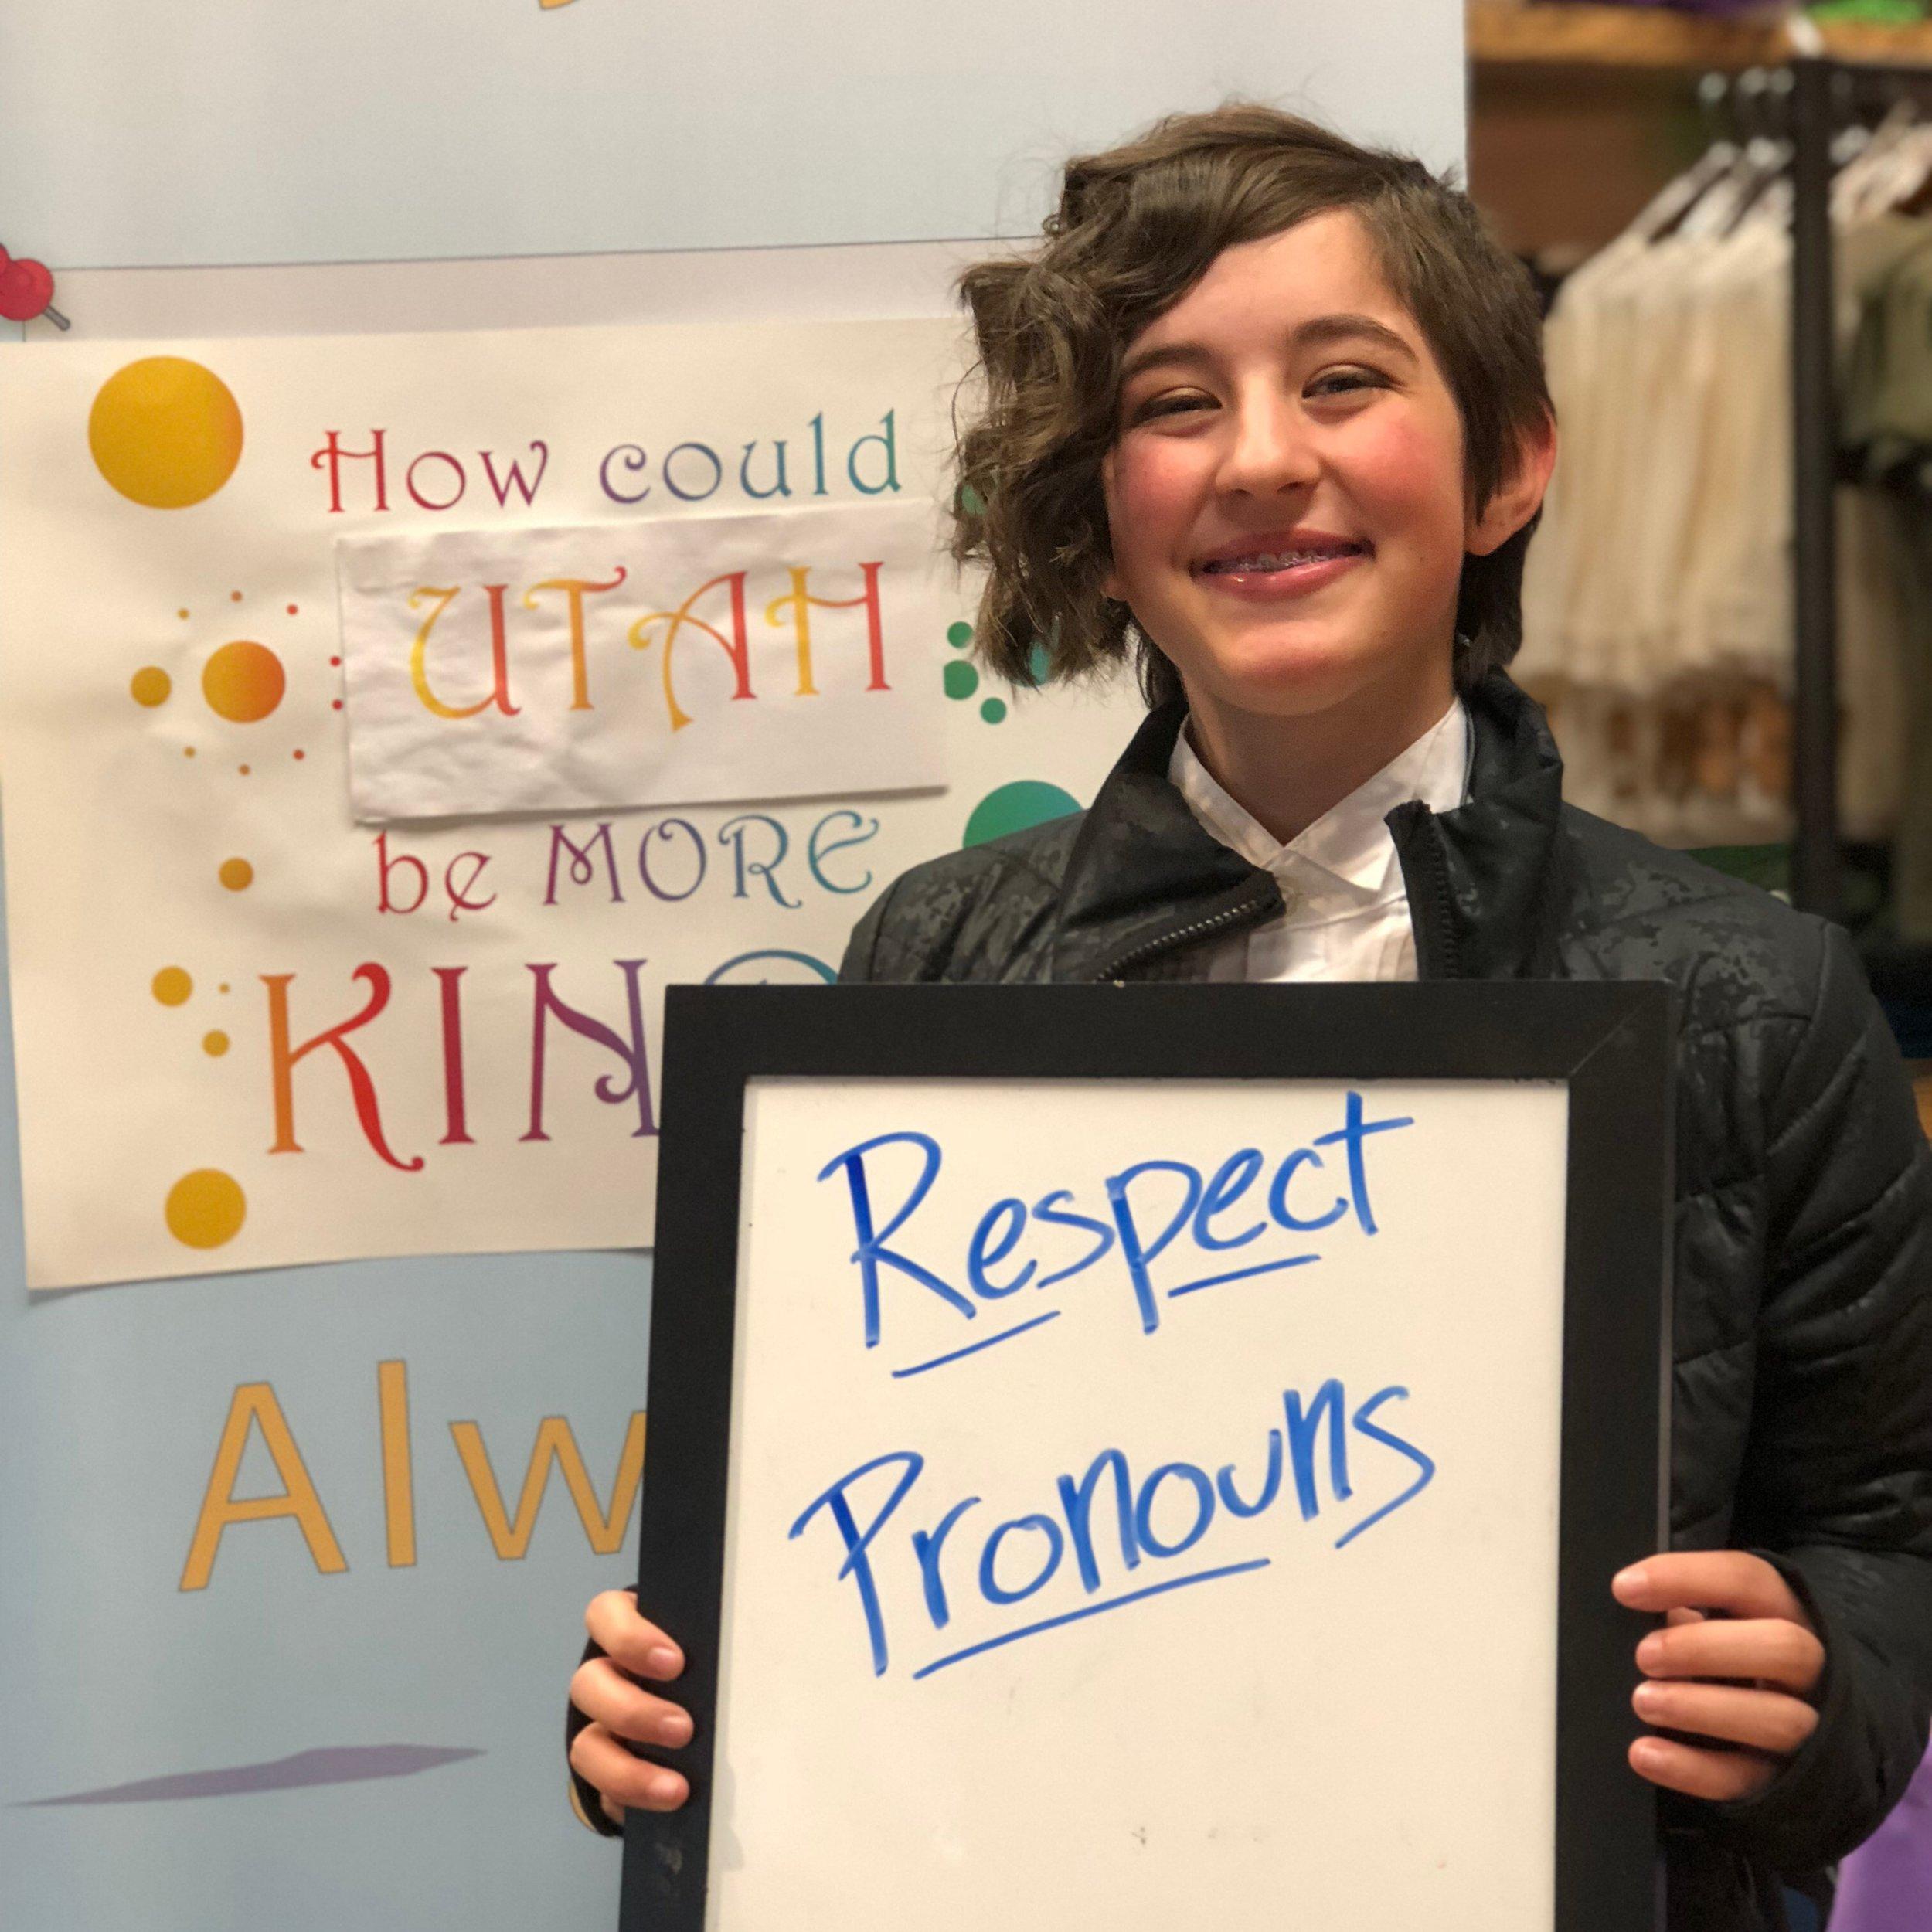 Respect Pronouns